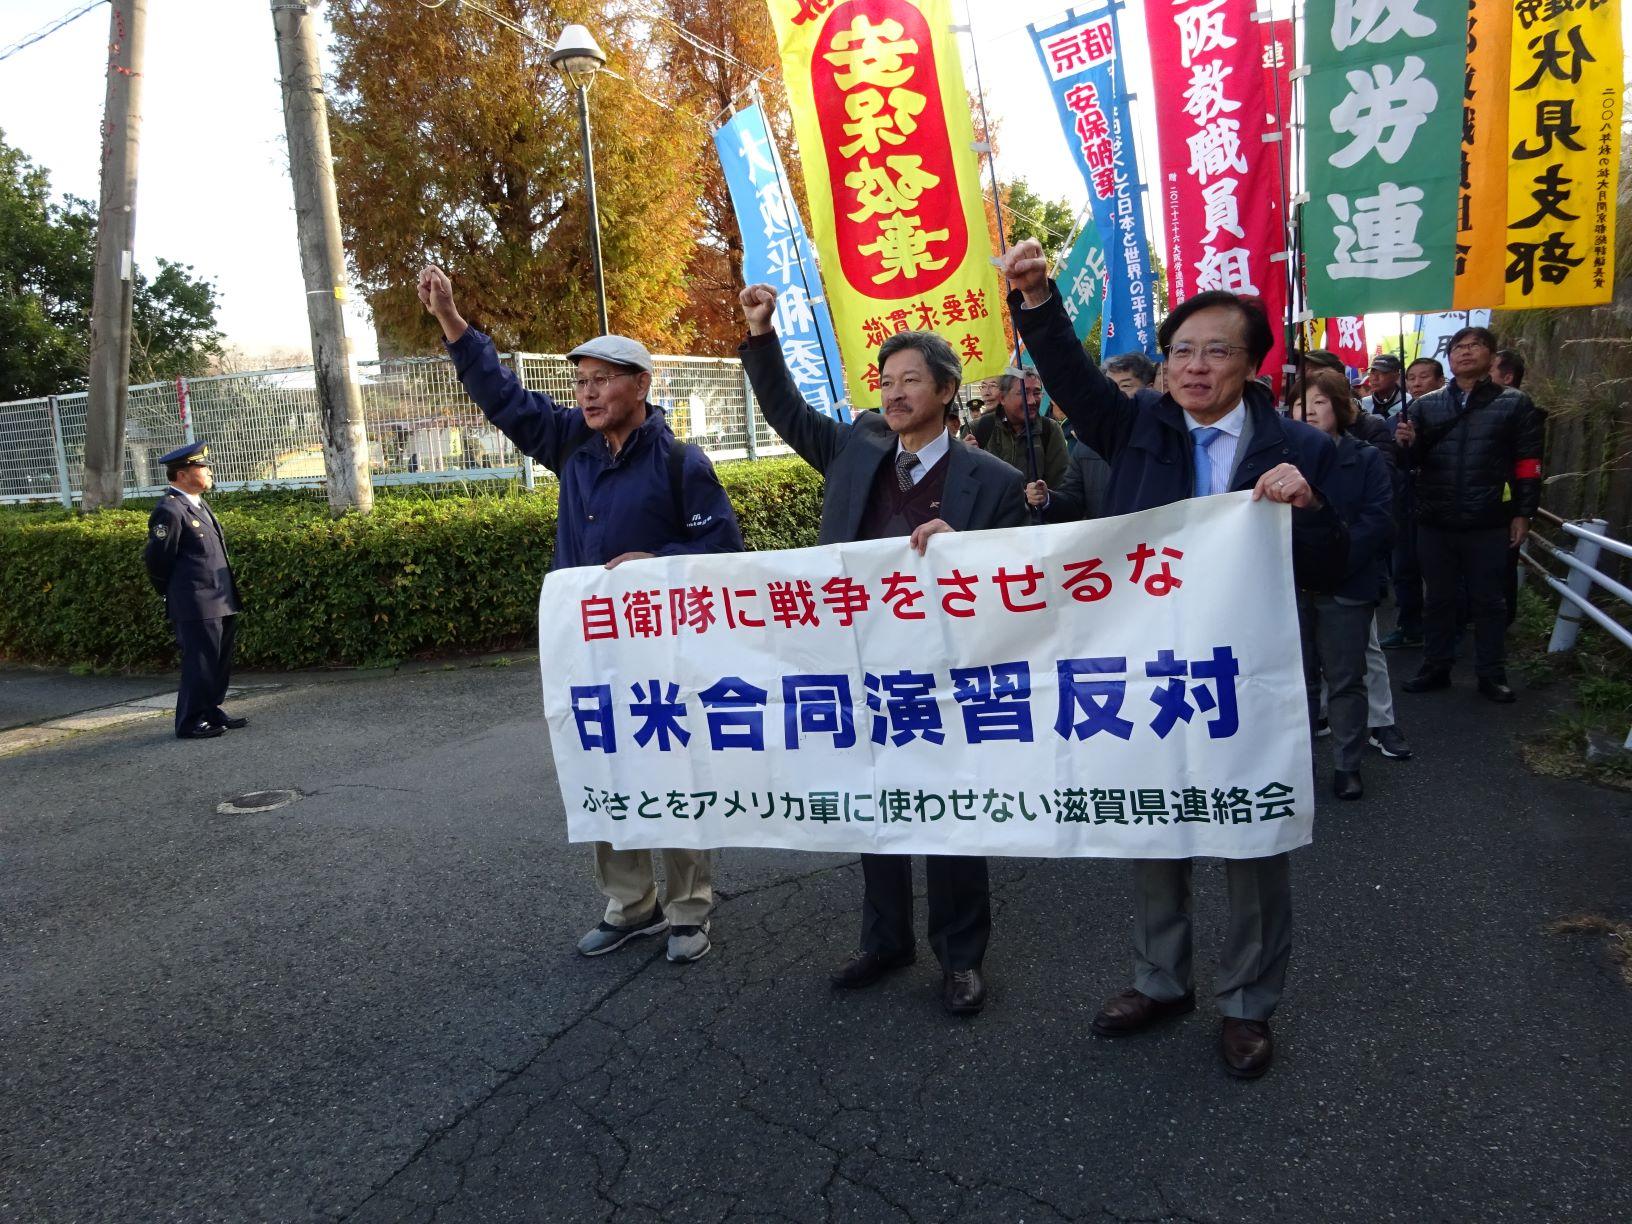 http://www.inoue-satoshi.com/diary/191201%20%E3%81%82%E3%81%84%E3%81%B0%E3%81%AE2.JPG